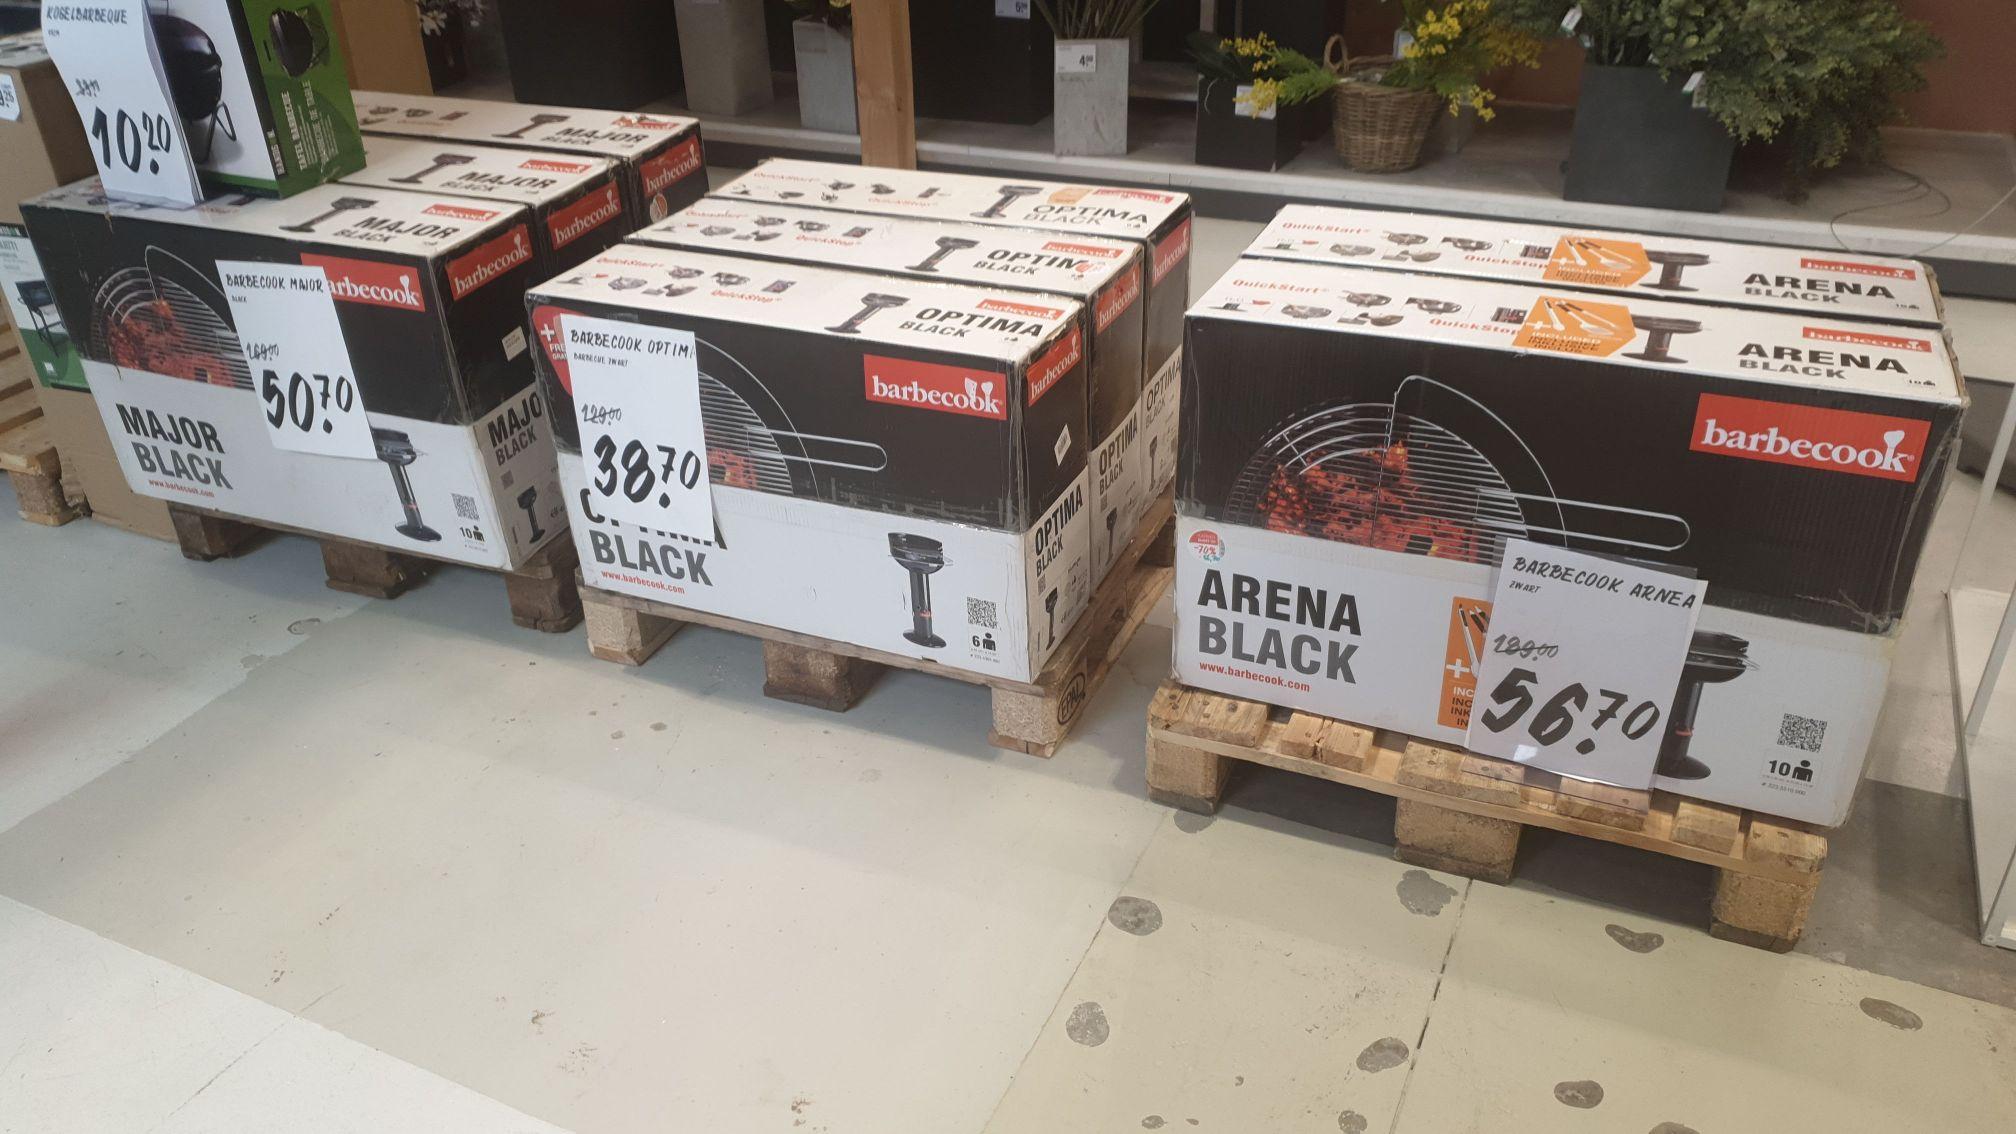 [LOKAAL?] Karwei Tilburg diverse barbecues 70% afgeprijsd